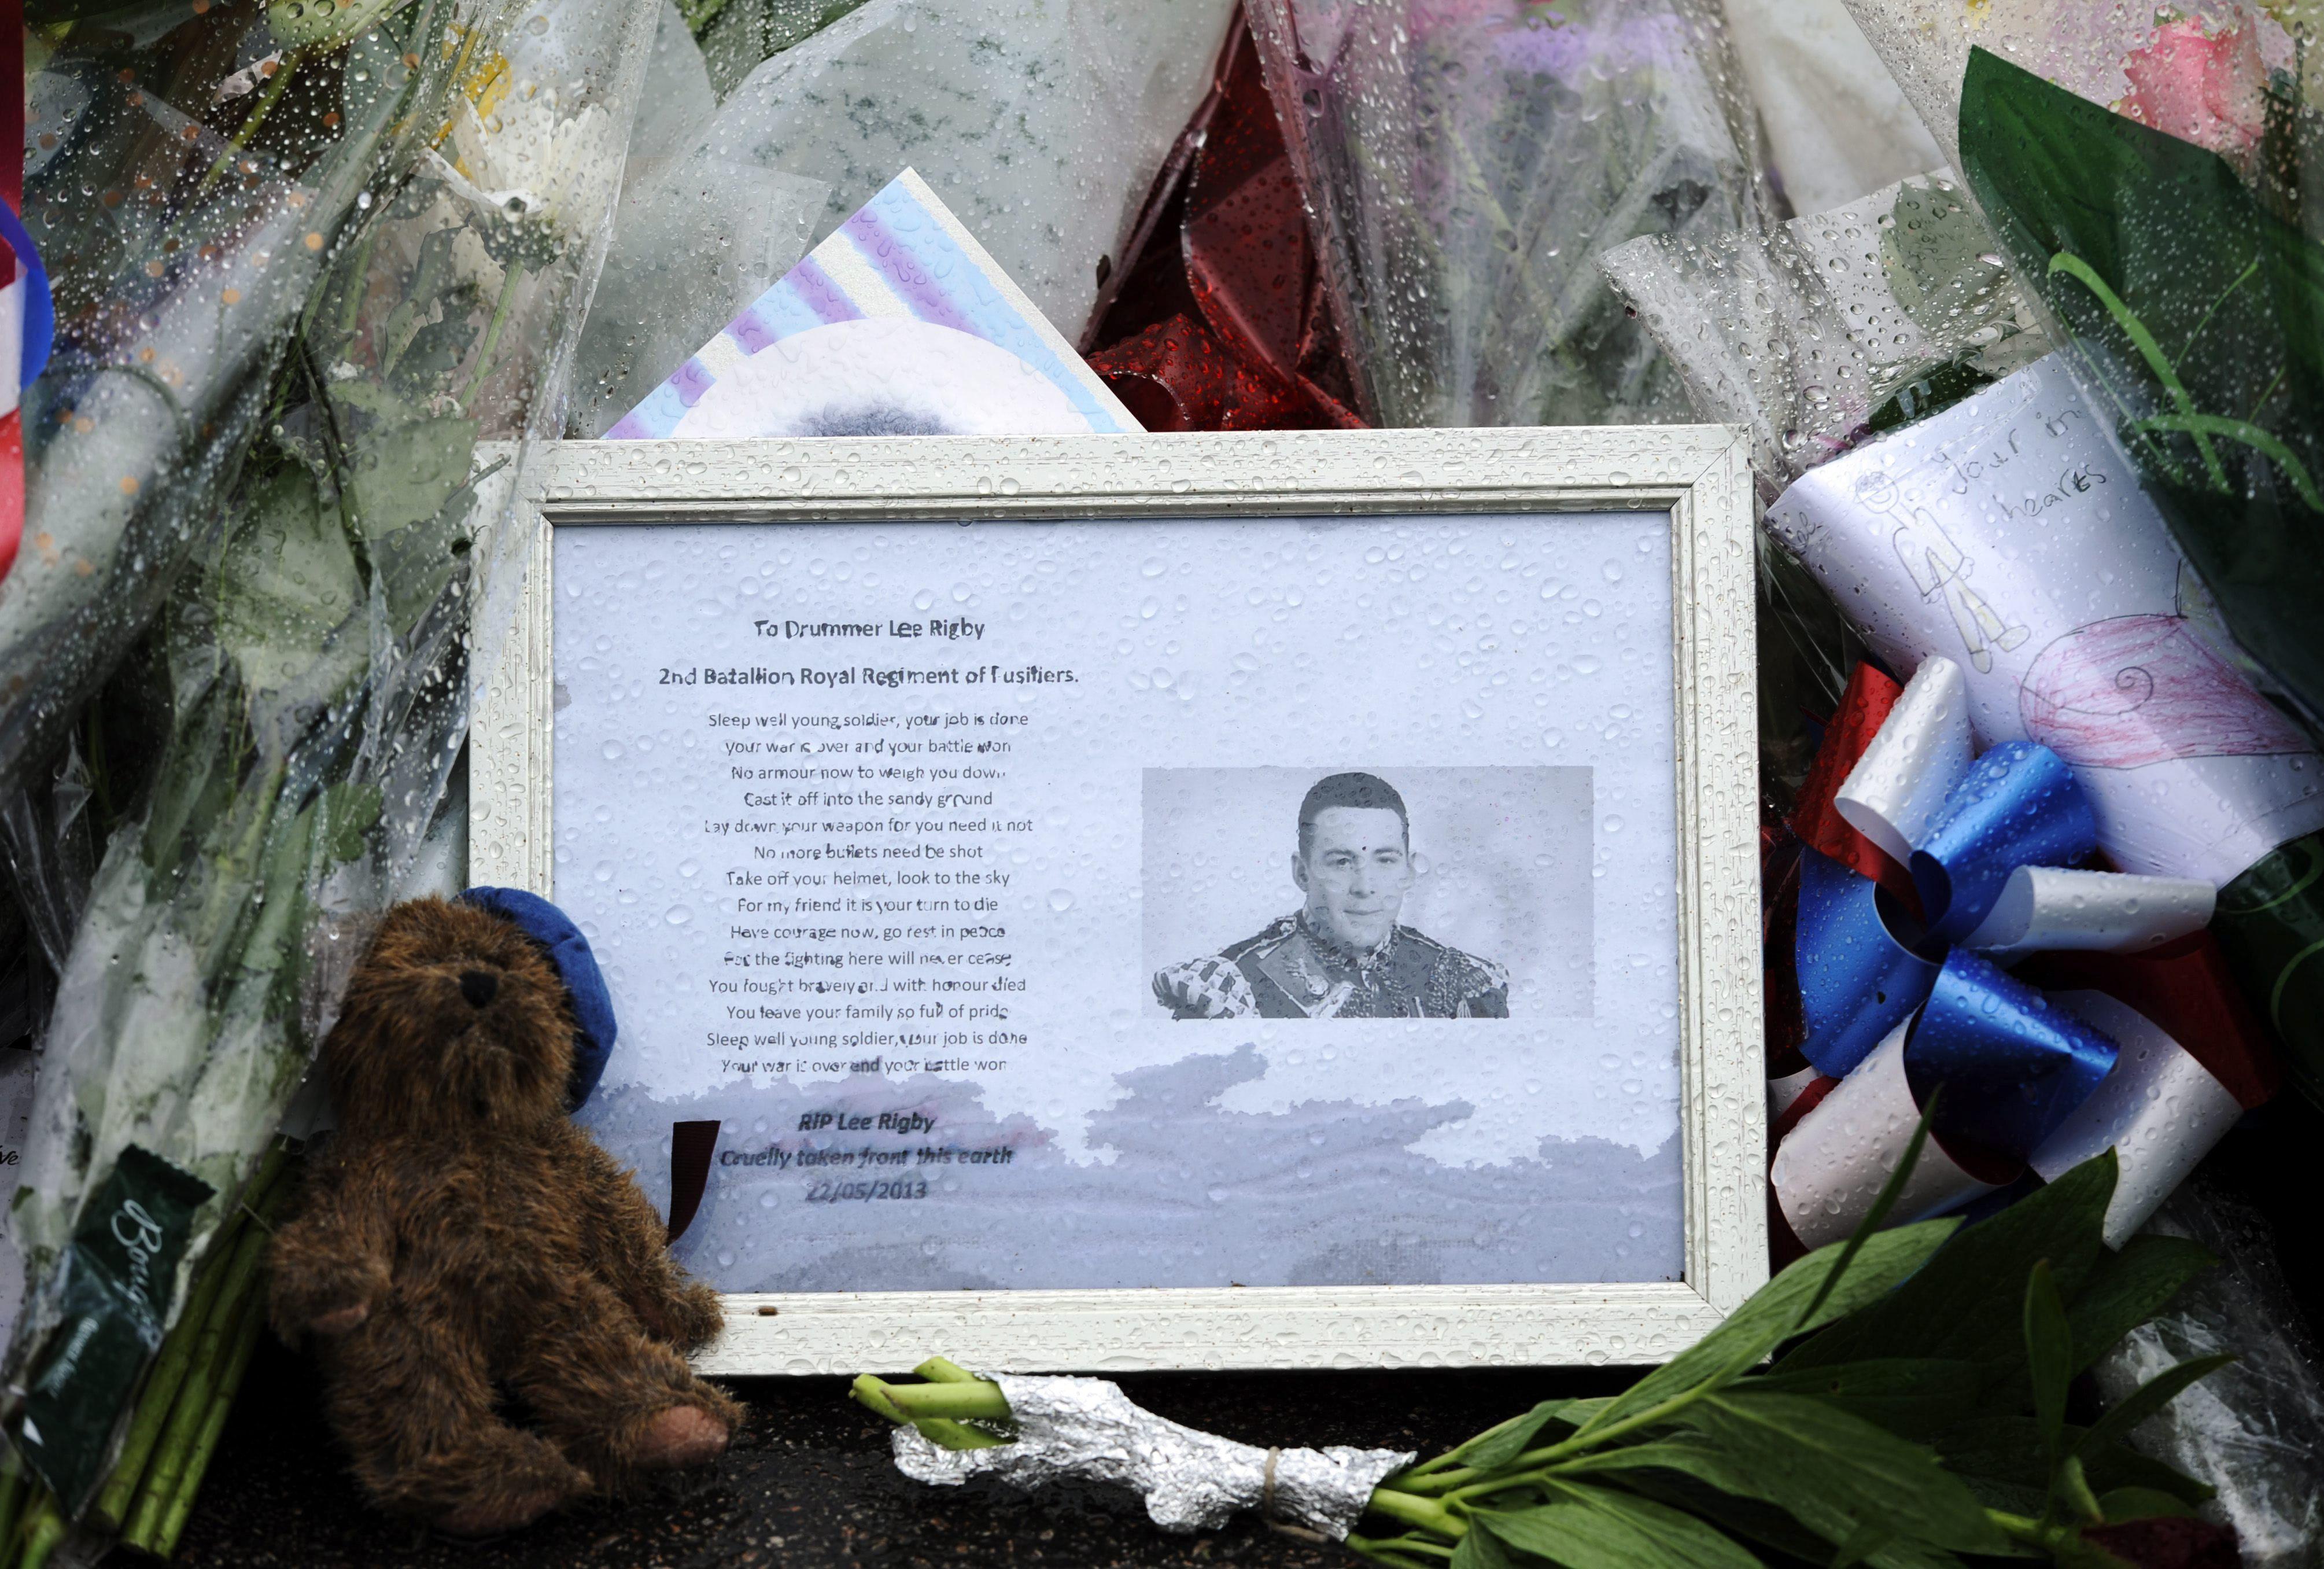 El supuesto asesino del soldado británico fue contactado por el MI5, según un amigo